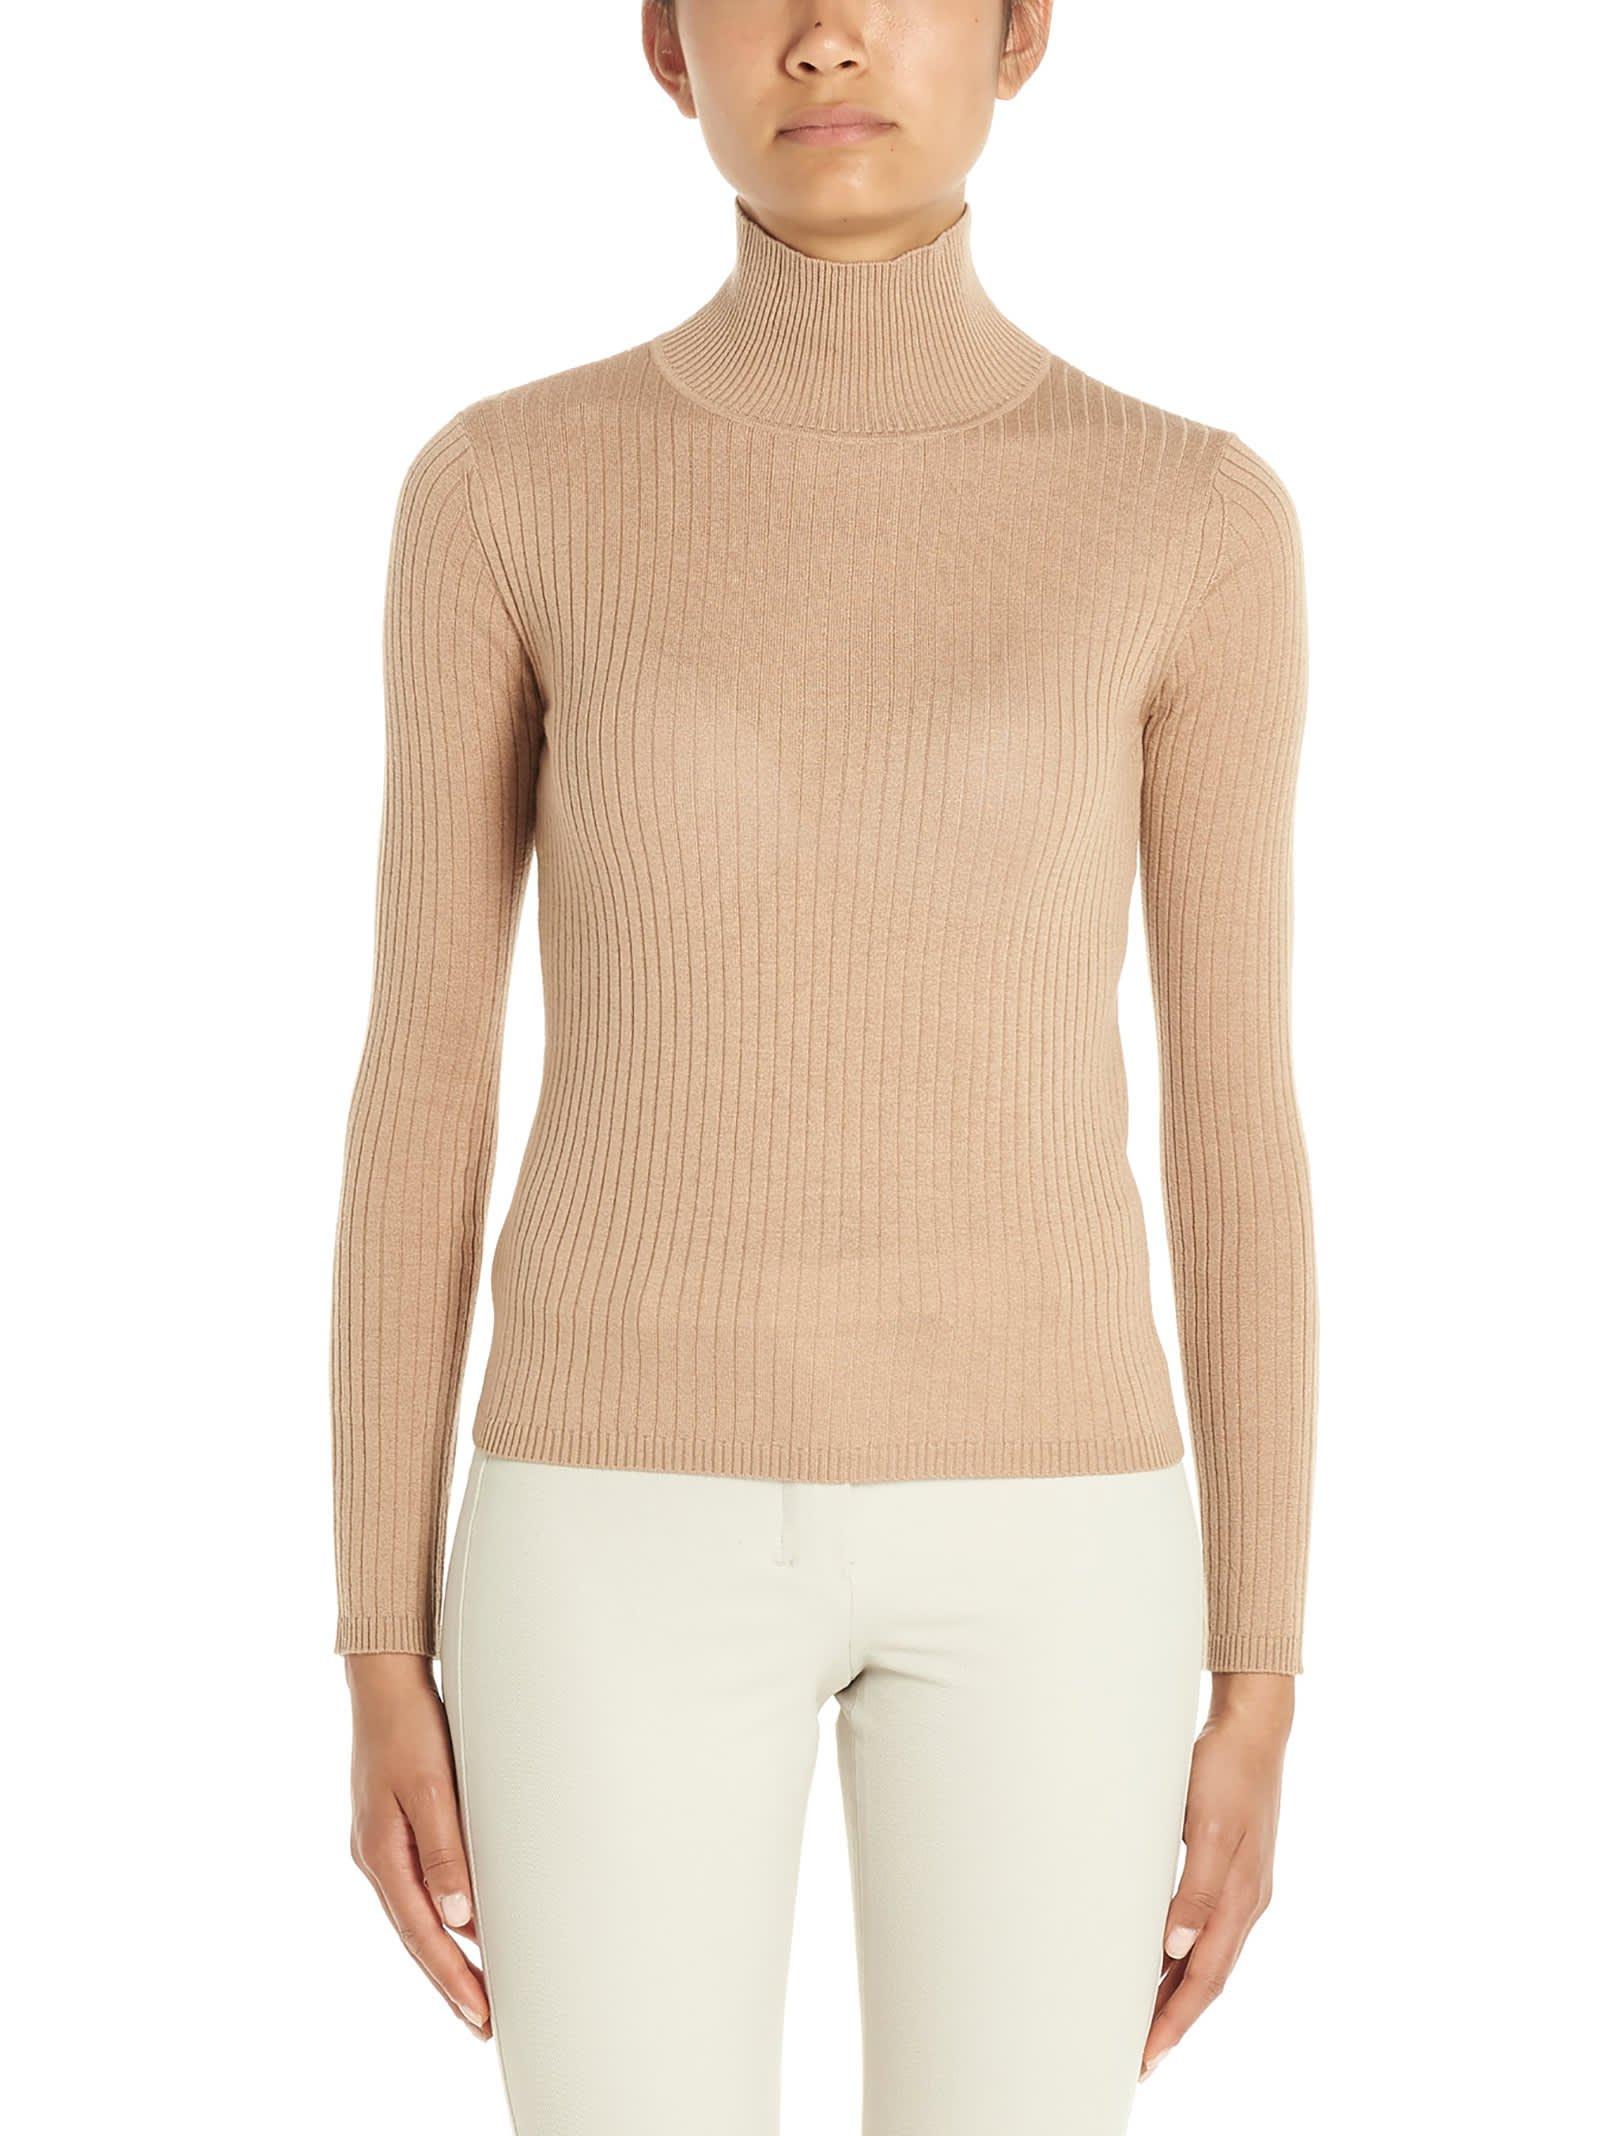 Max Mara falasco Sweater